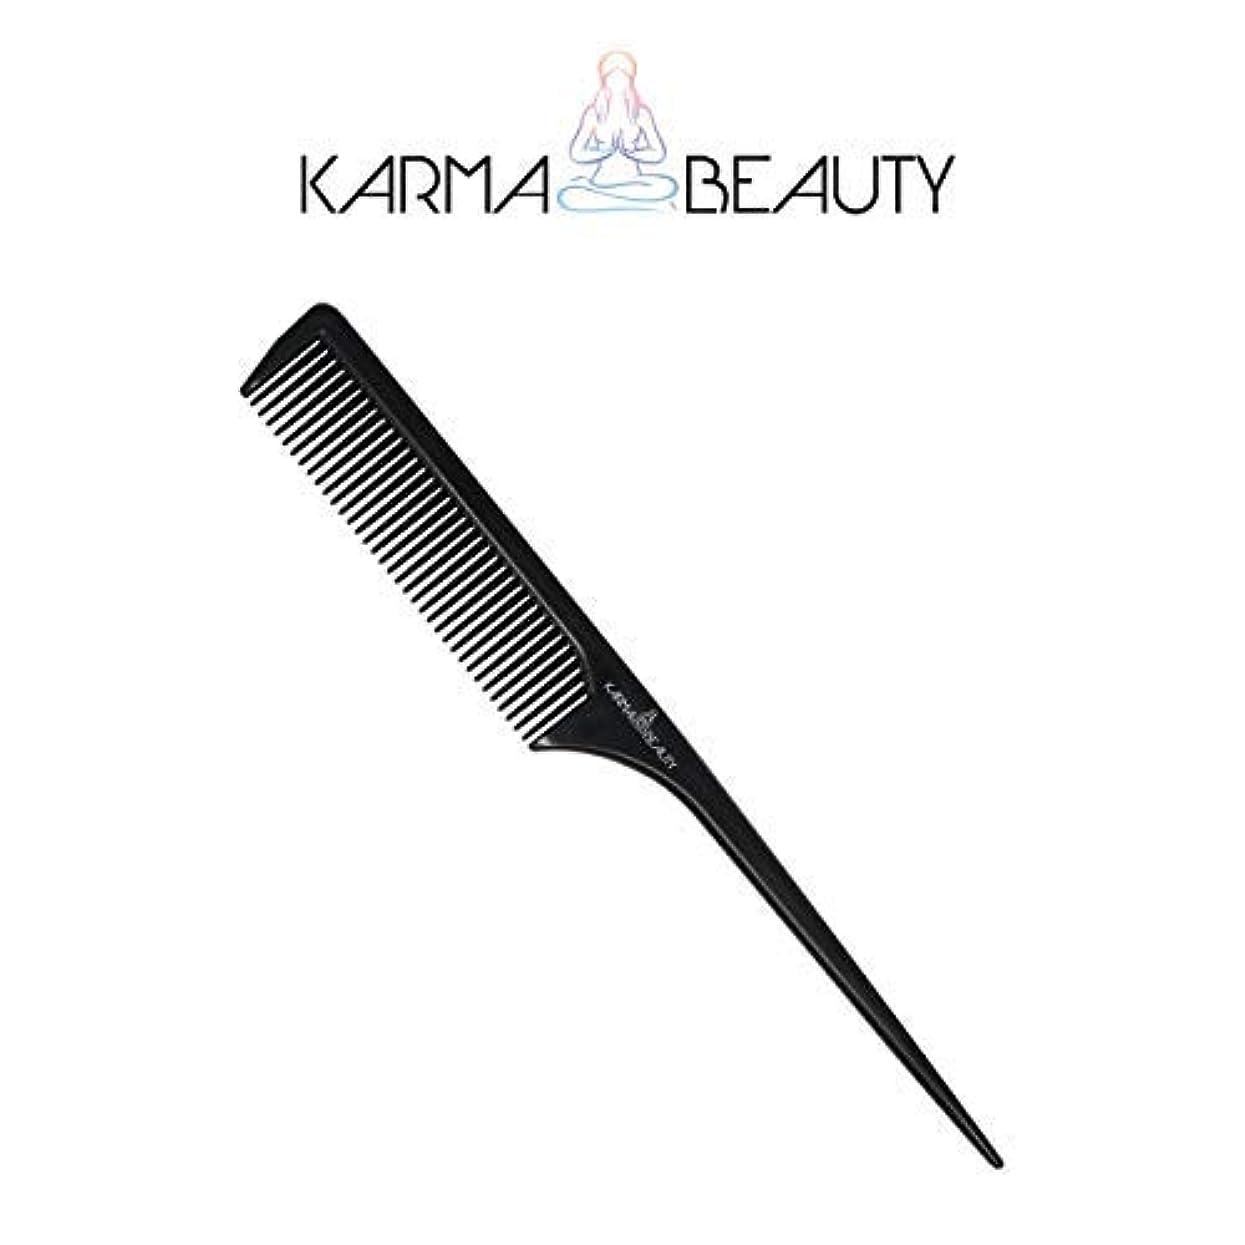 眠っているに応じて宇宙Tail Comb | Fine Tooth Hair Comb | Thin and Long Handle | Teasing Comb | For All Hair Type | Karma Beauty | (Black...